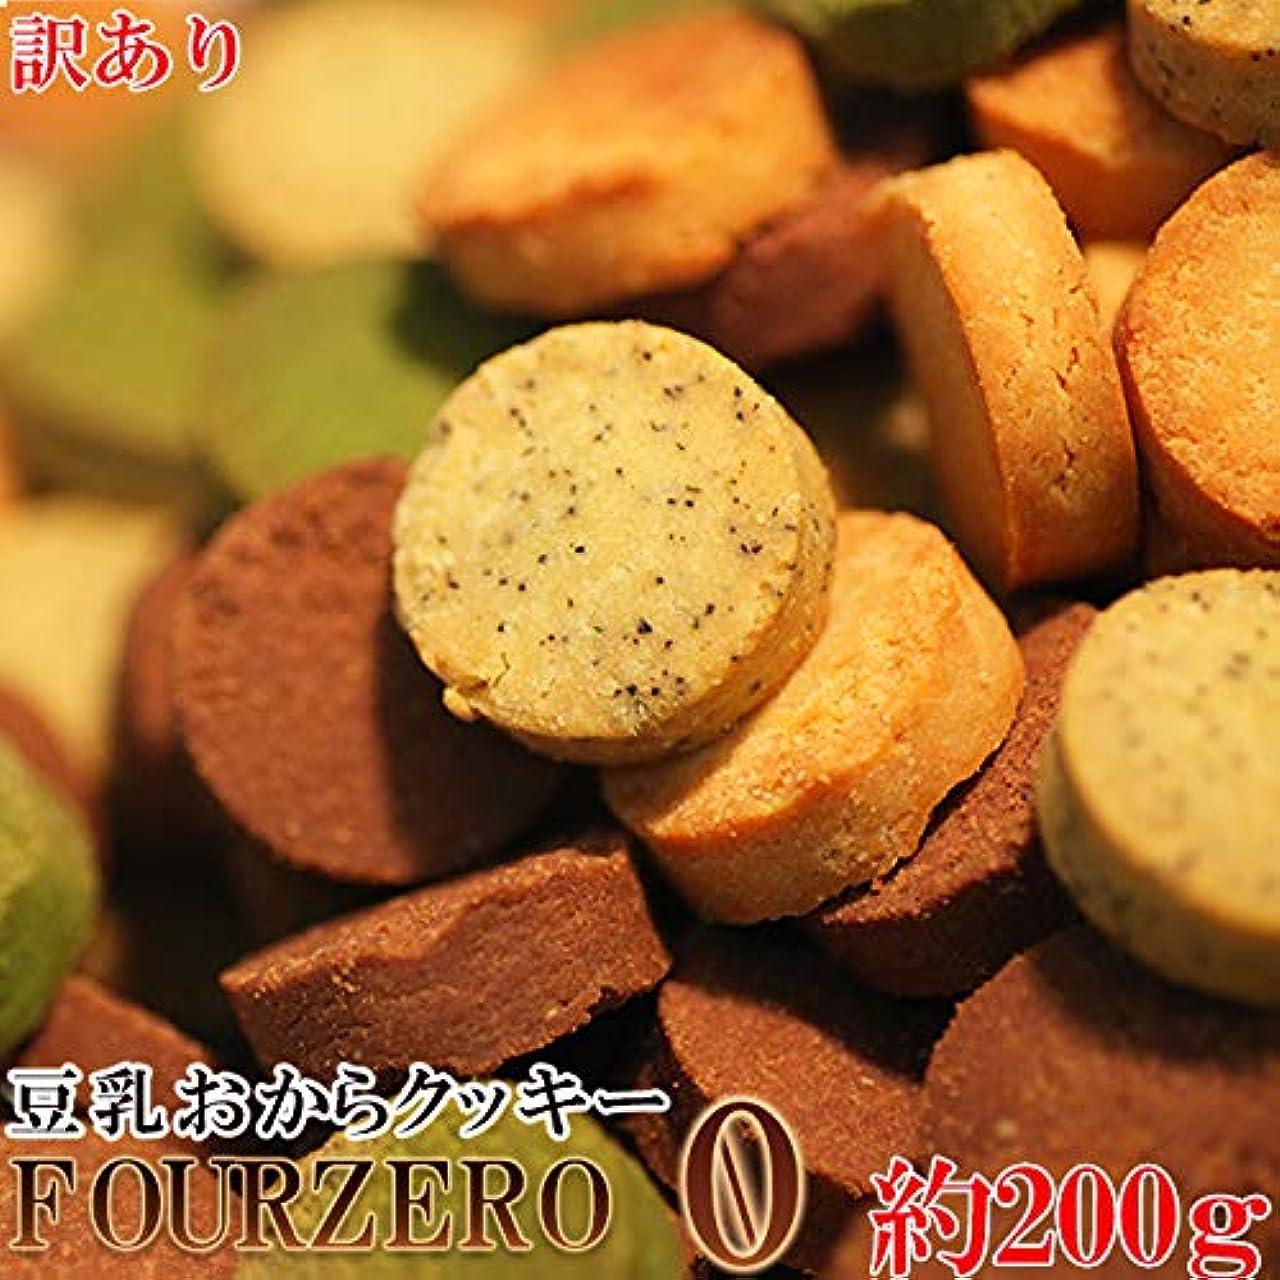 ひも噂クリップ天然生活 【ゆうパケット】人気のおからクッキーにお試しが登場!!【訳あり】豆乳おからクッキーFour Zero(4種)200g SM00010488